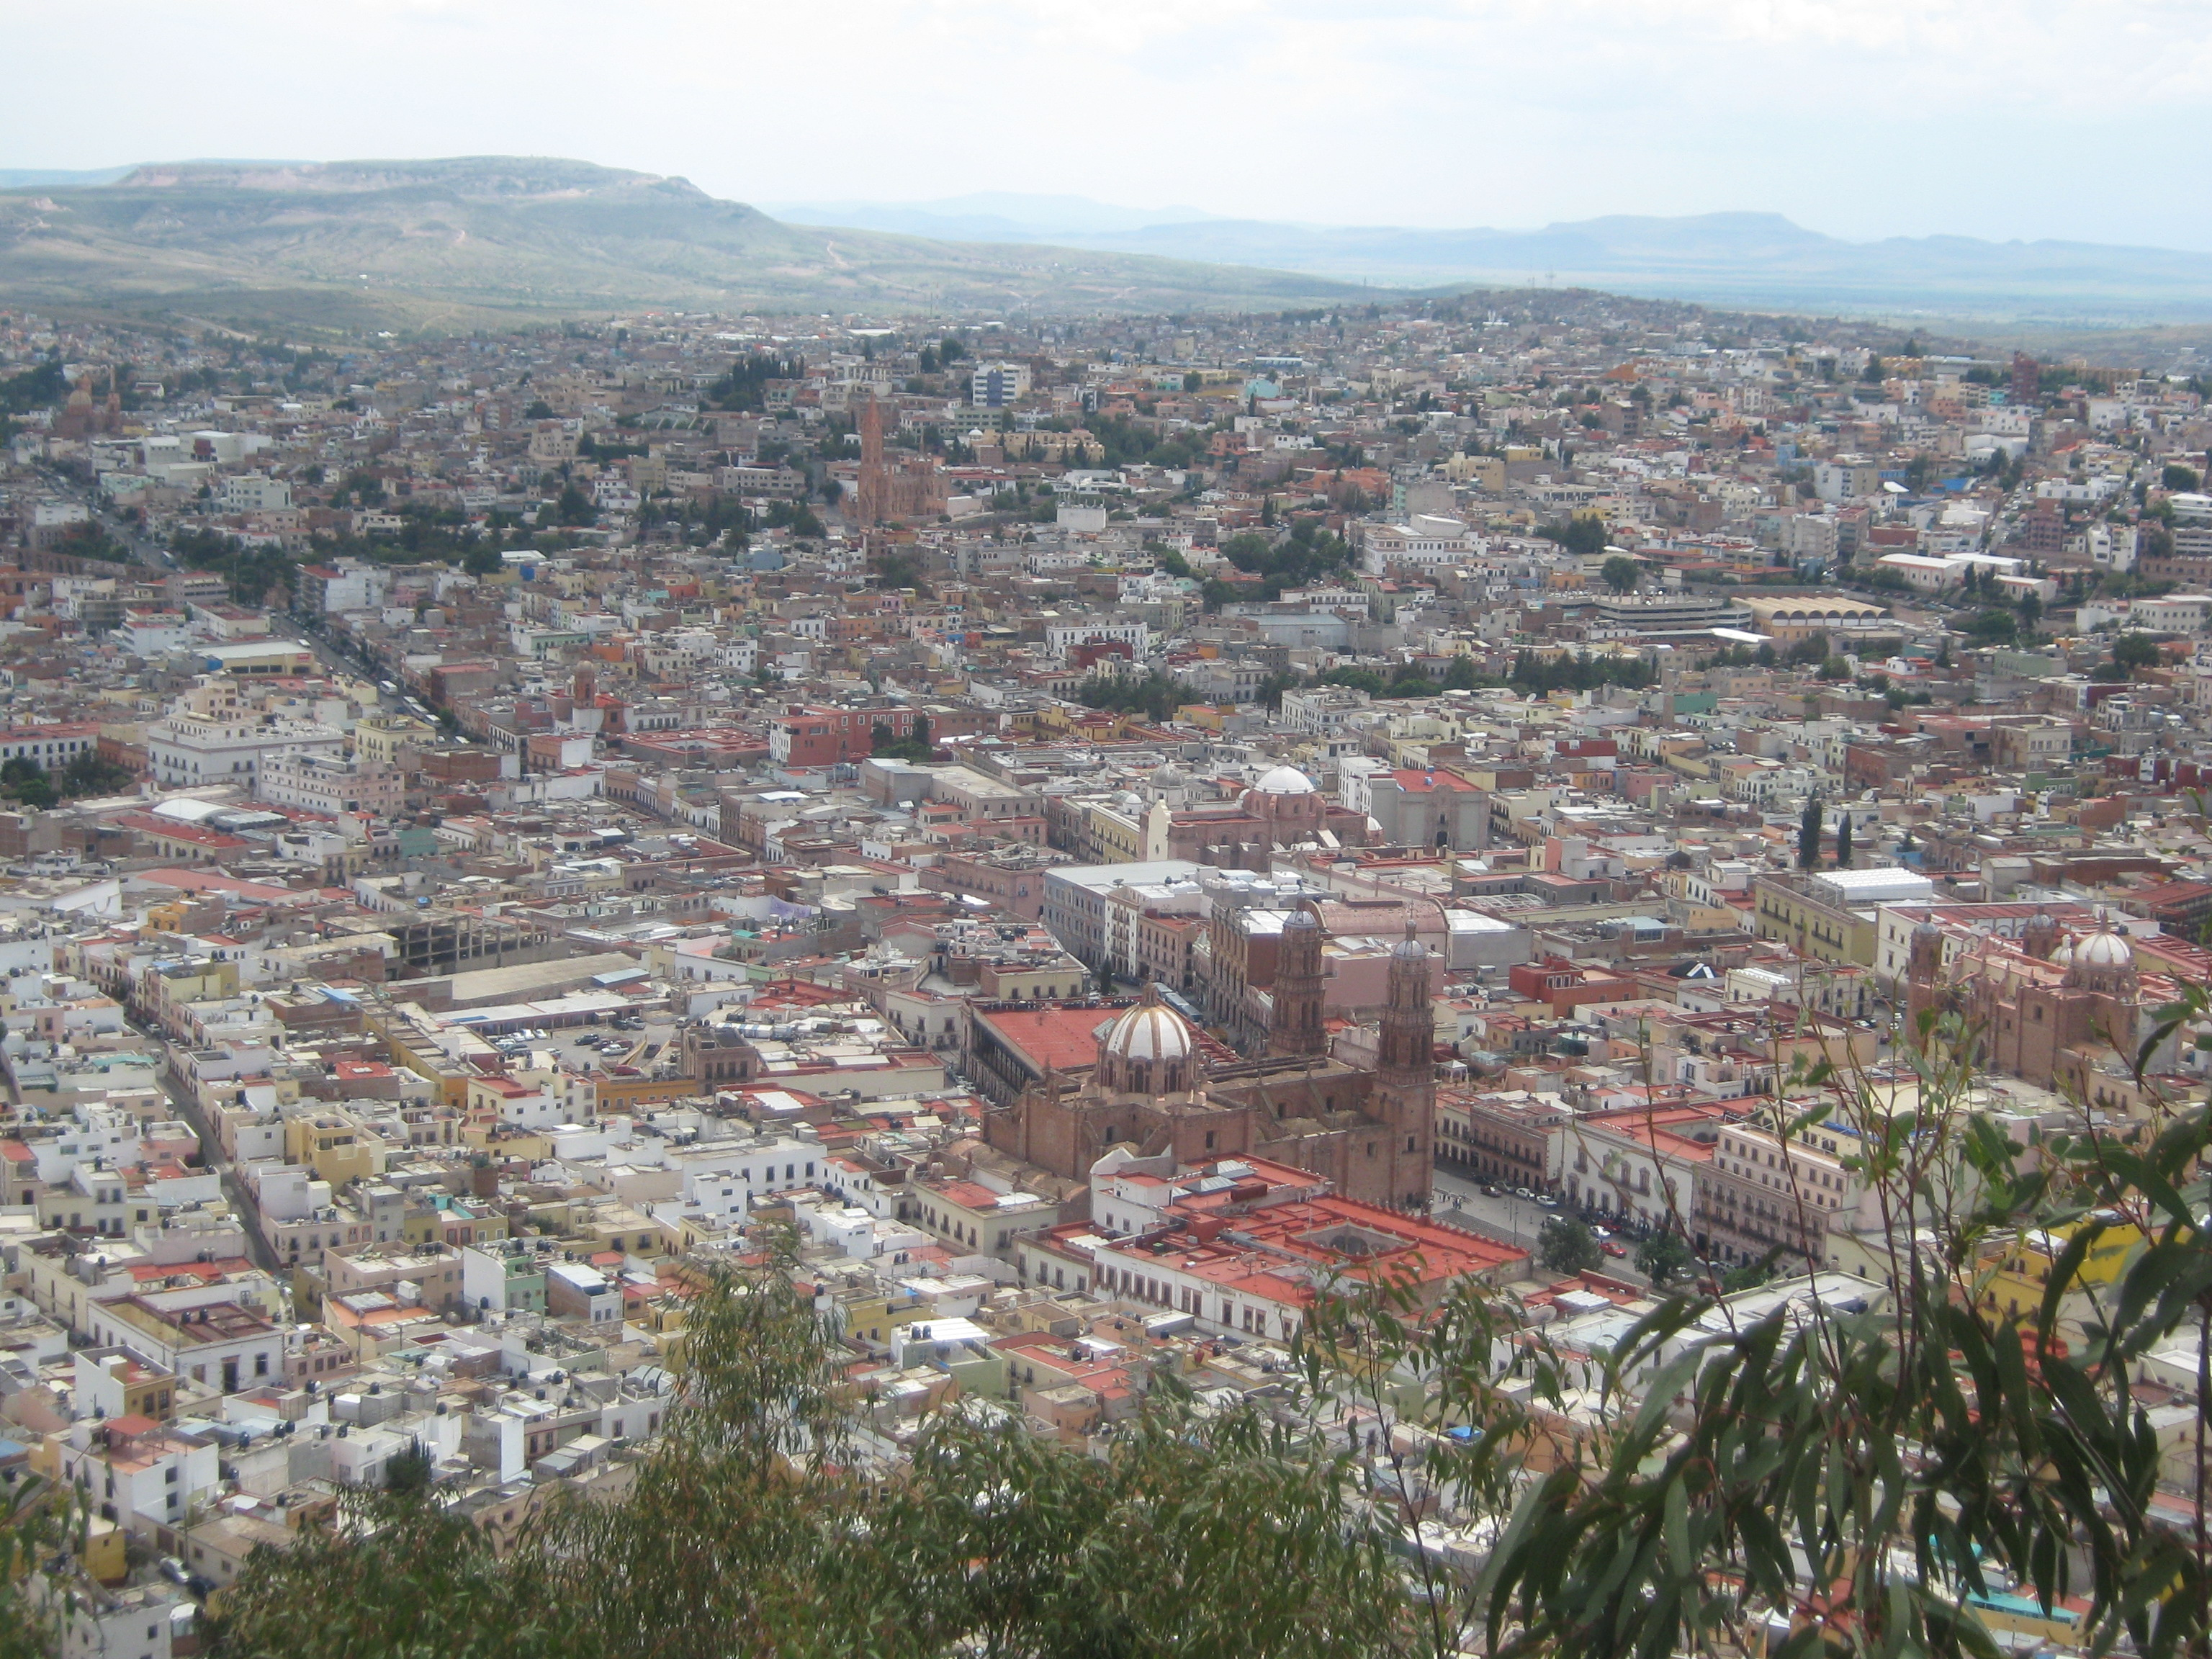 Hoteles En Latinoamerica Paraiso Caxcan En Zacatecas